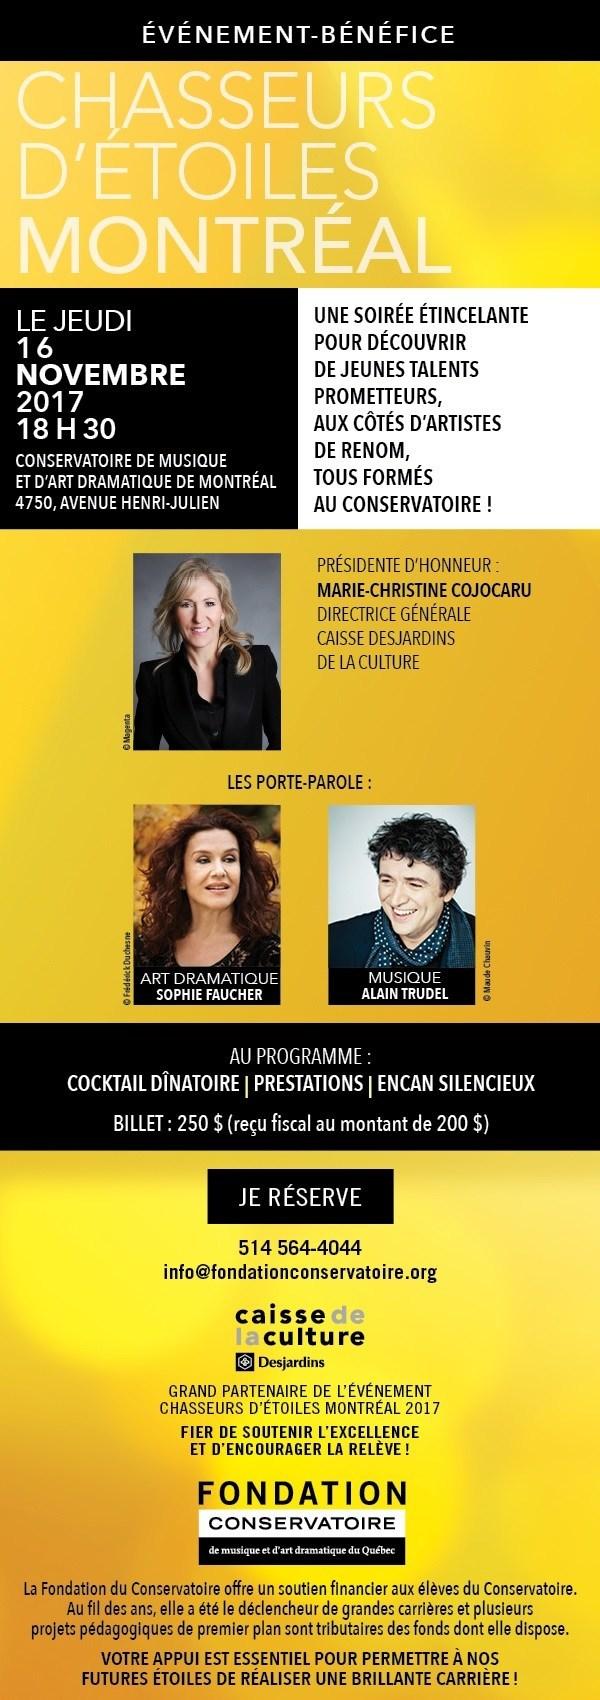 L'événement-bénéfice Chasseurs d'étoiles, Montréal 2017 se tiendra le 16 novembre prochain. (Groupe CNW/Conservatoire de musique et d'art dramatique du Québec)